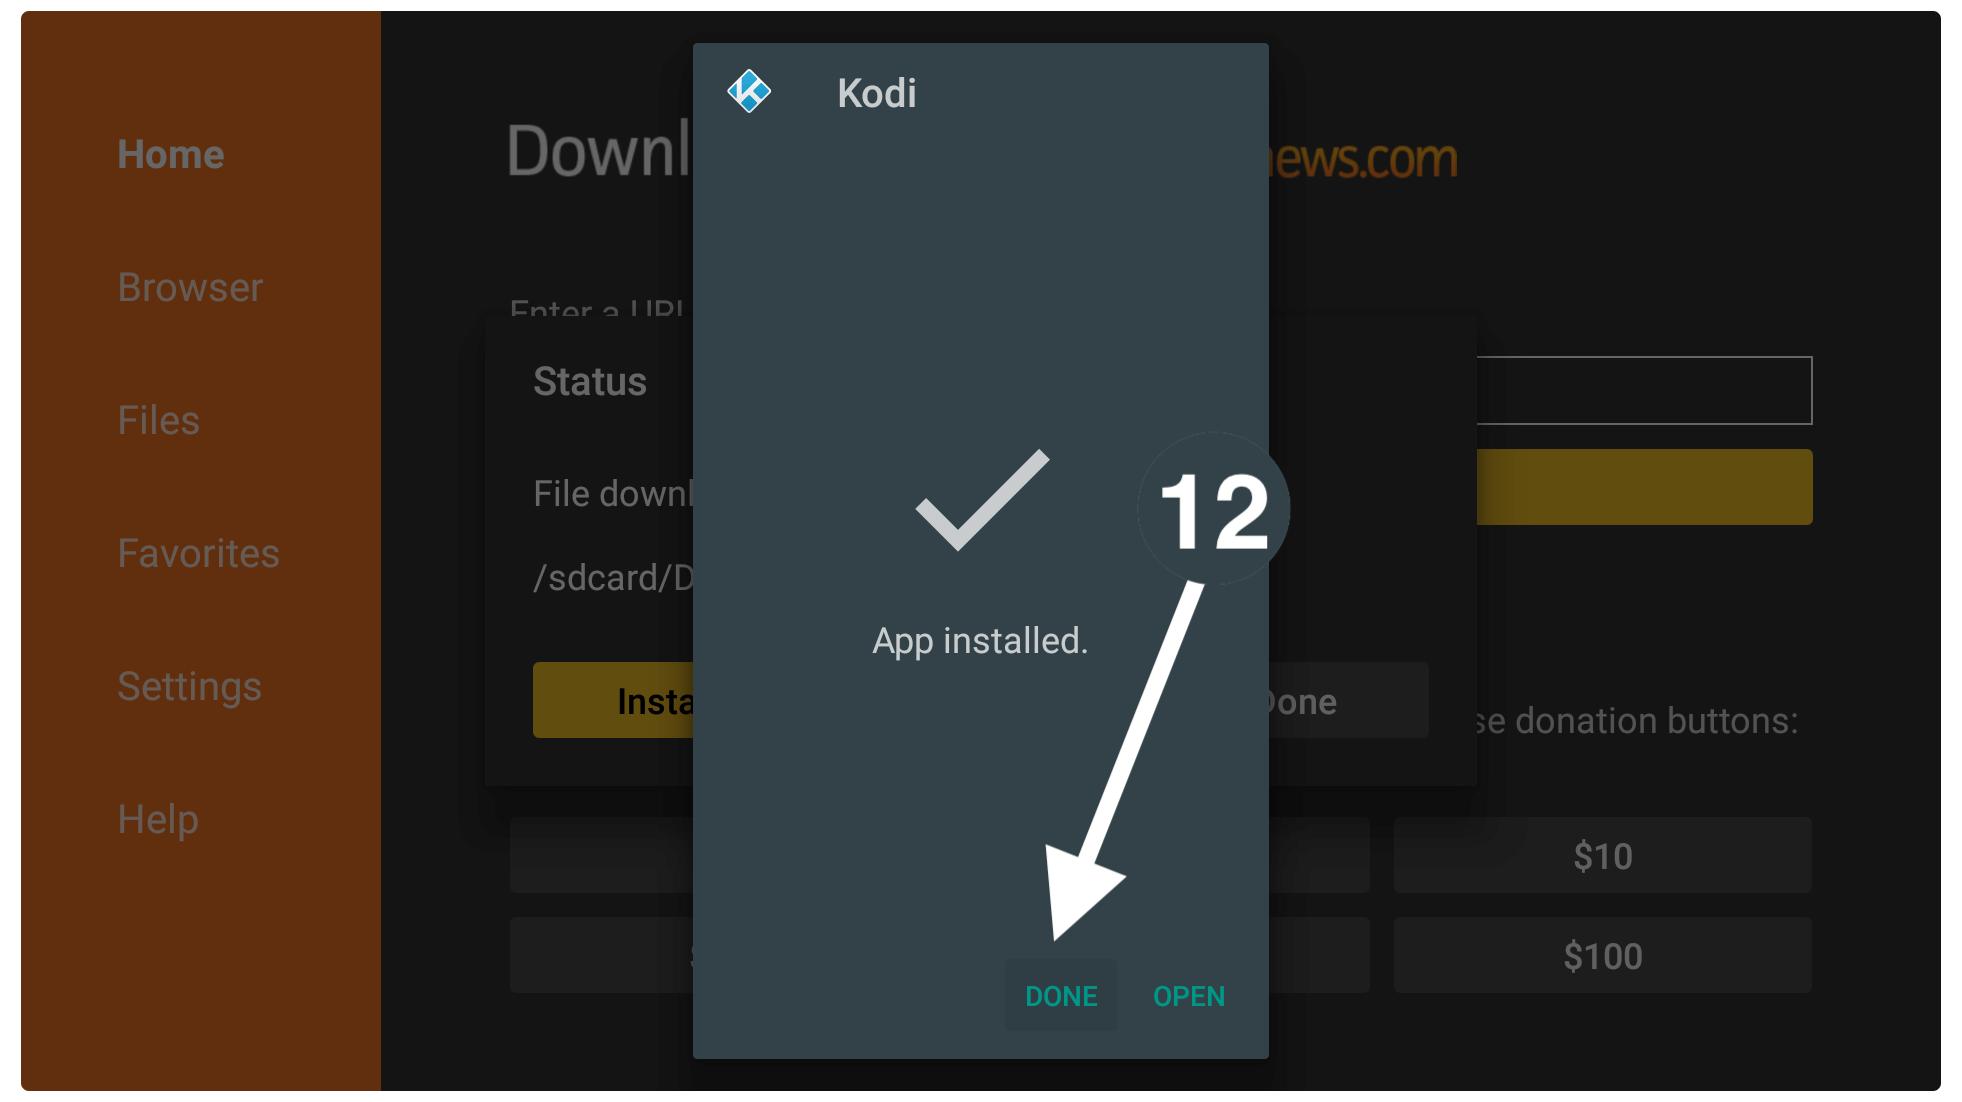 installing-kodi-update-on-firestick